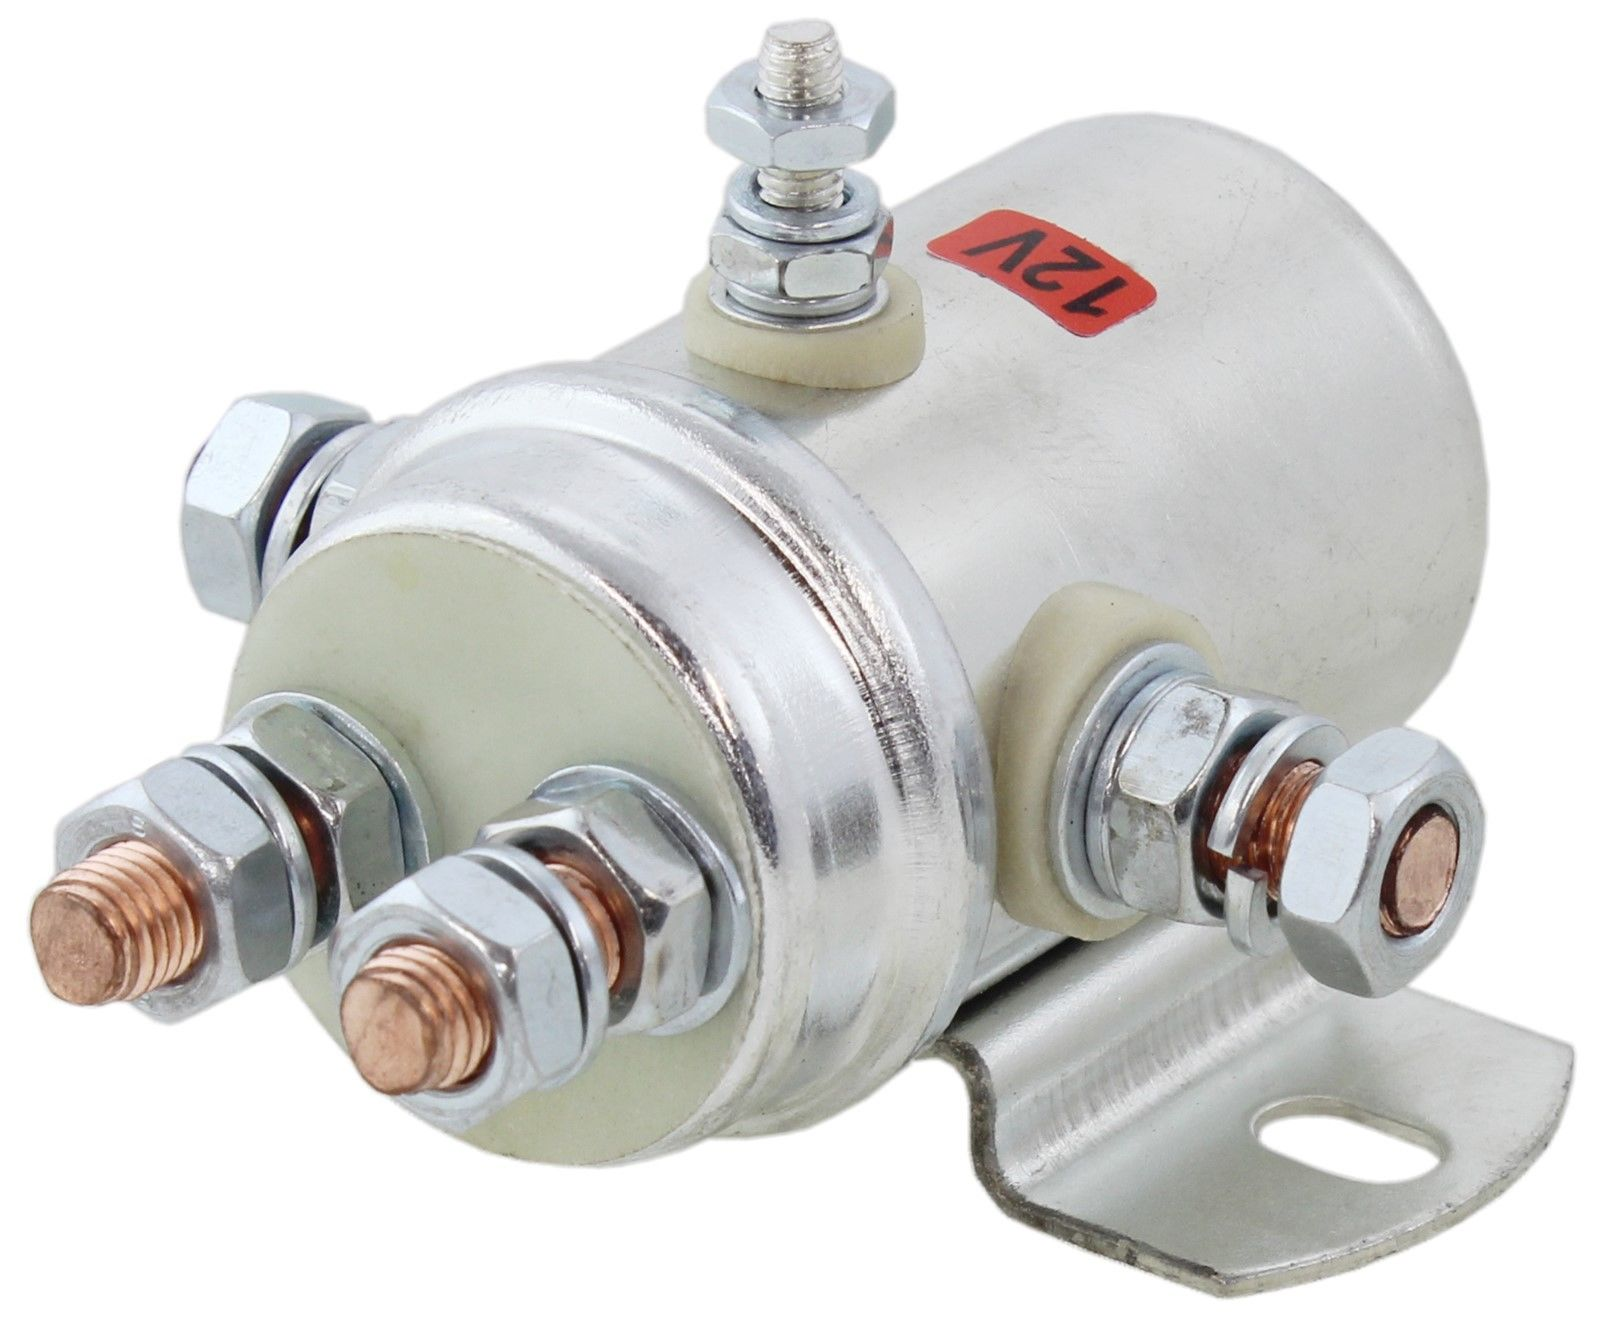 hight resolution of new warn winch motor reversing solenoid 12v 5 terminal mbj4407 mrv b 5 sbd4201 walmart com